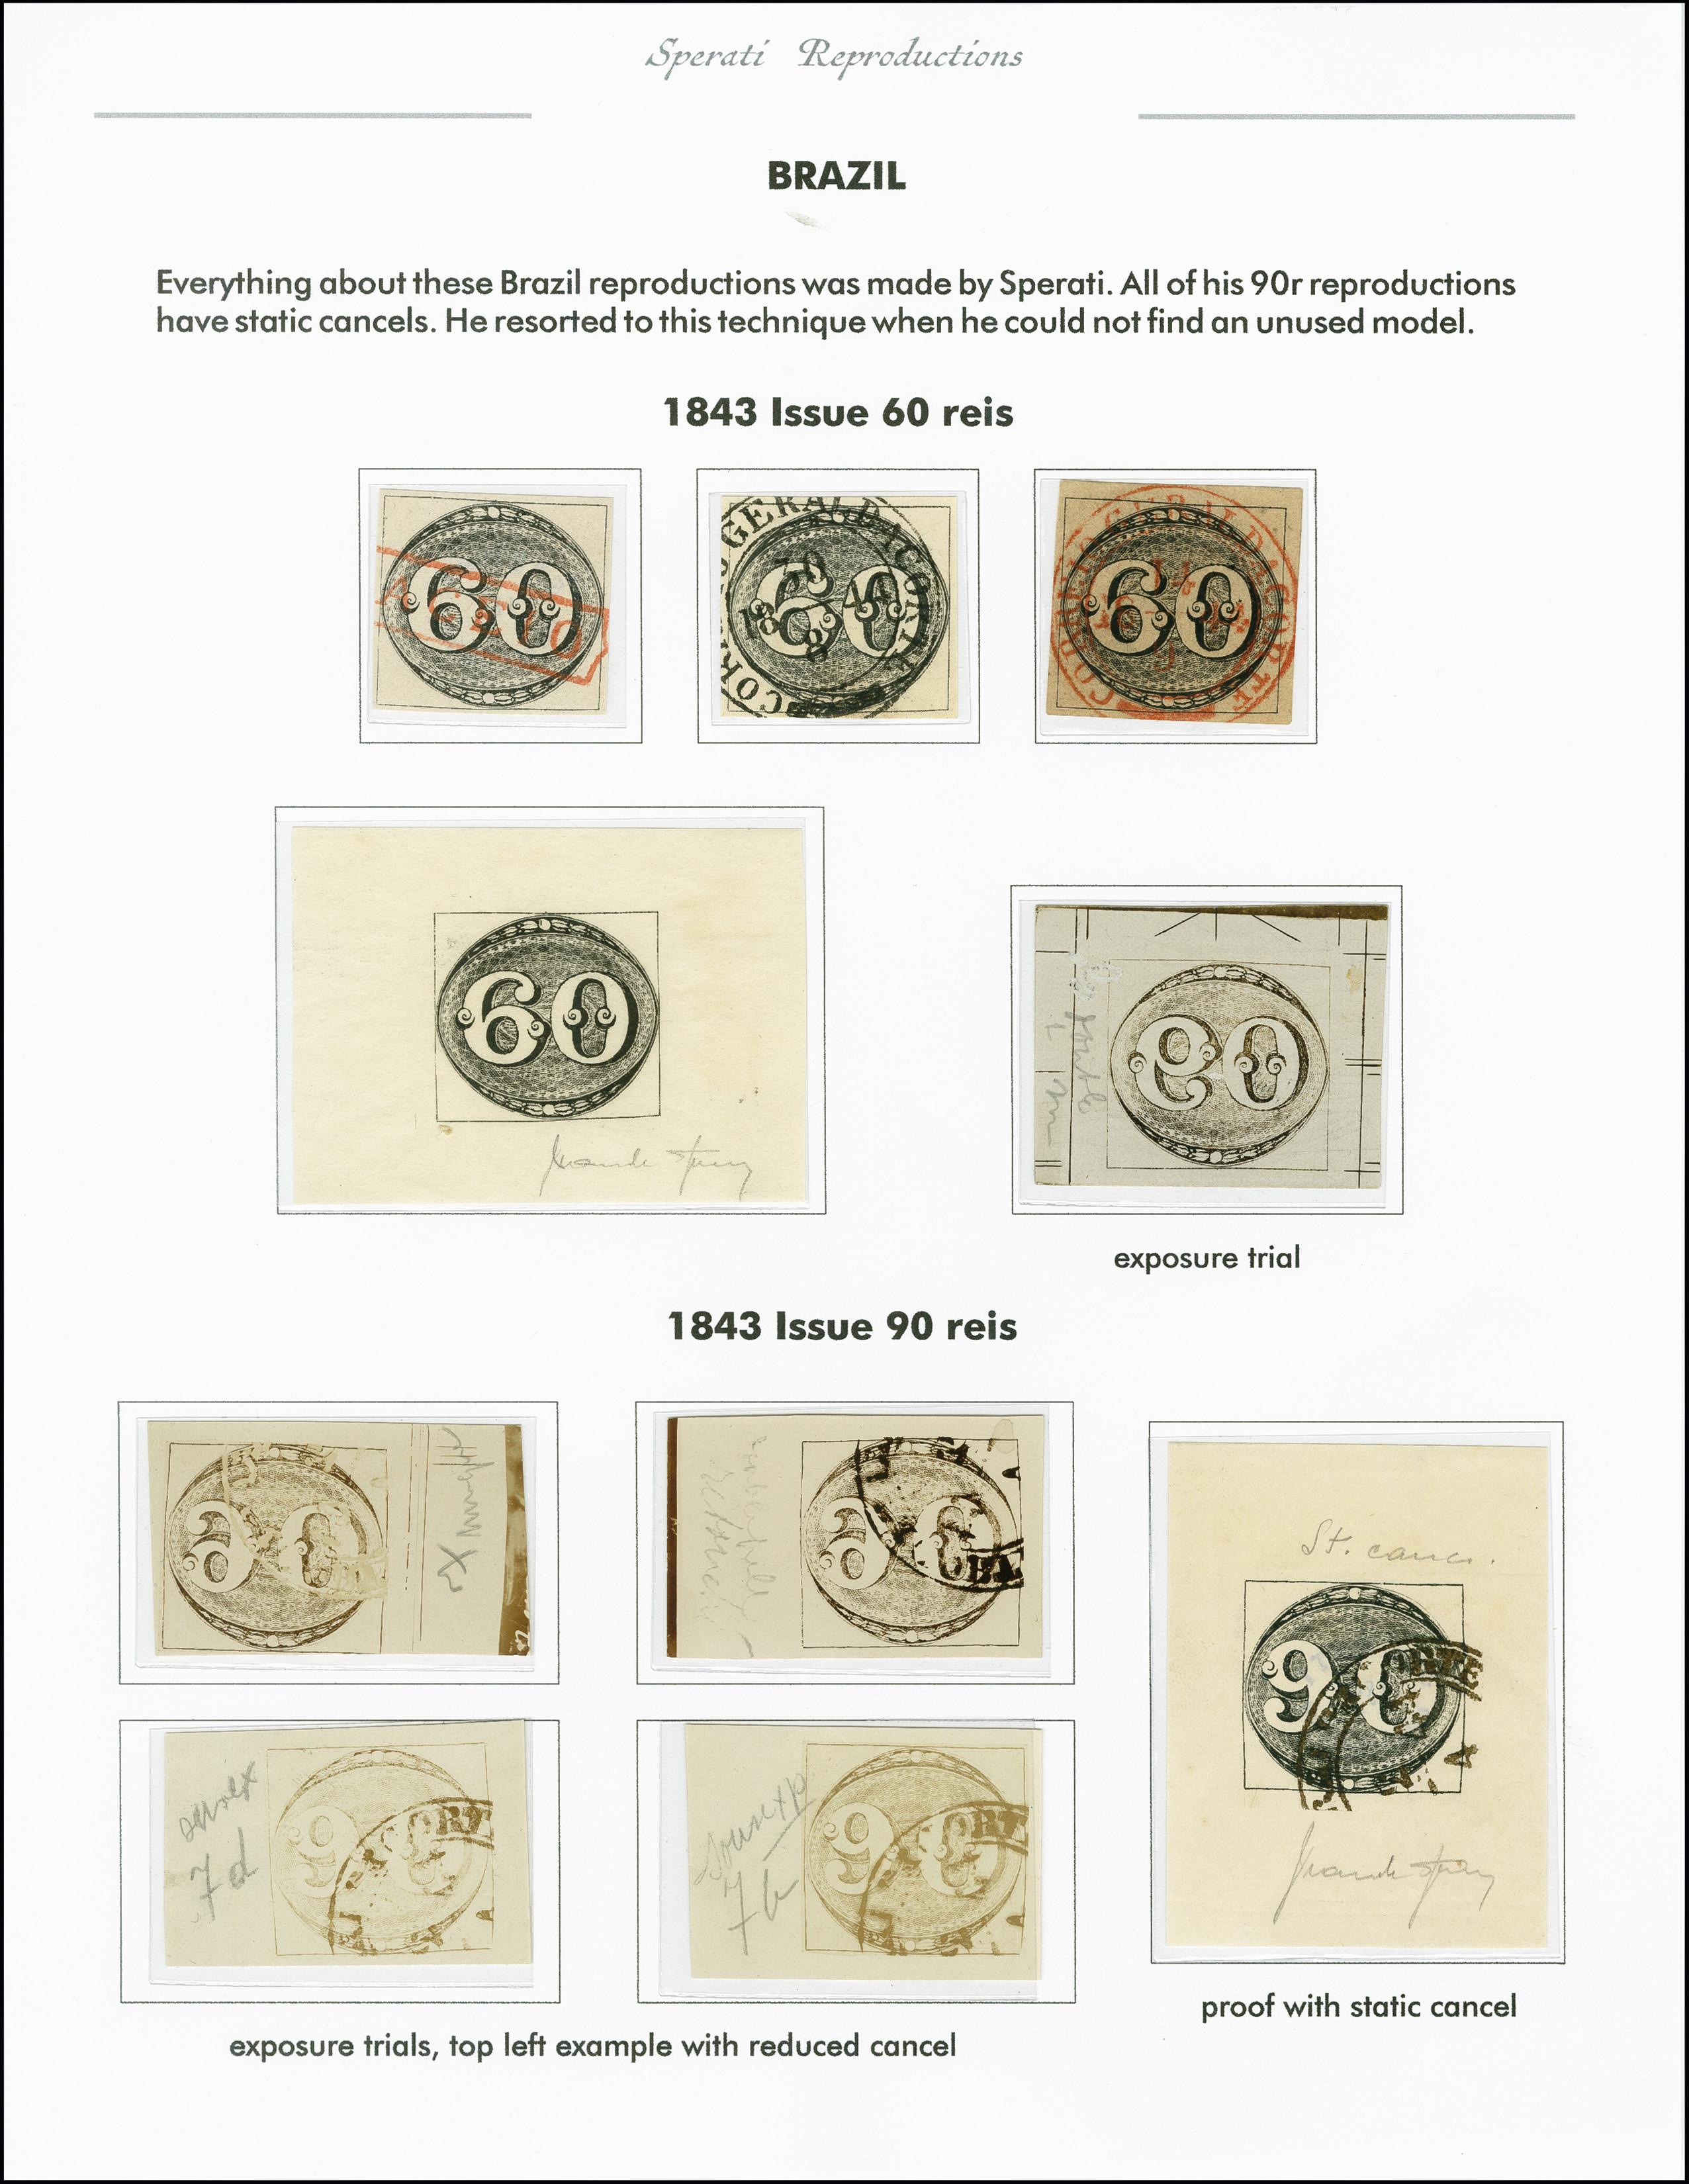 Lot 2224 - übersee brazil -  Heinrich Koehler Auktionen 375rd Heinrich Köhler auction - Day 1